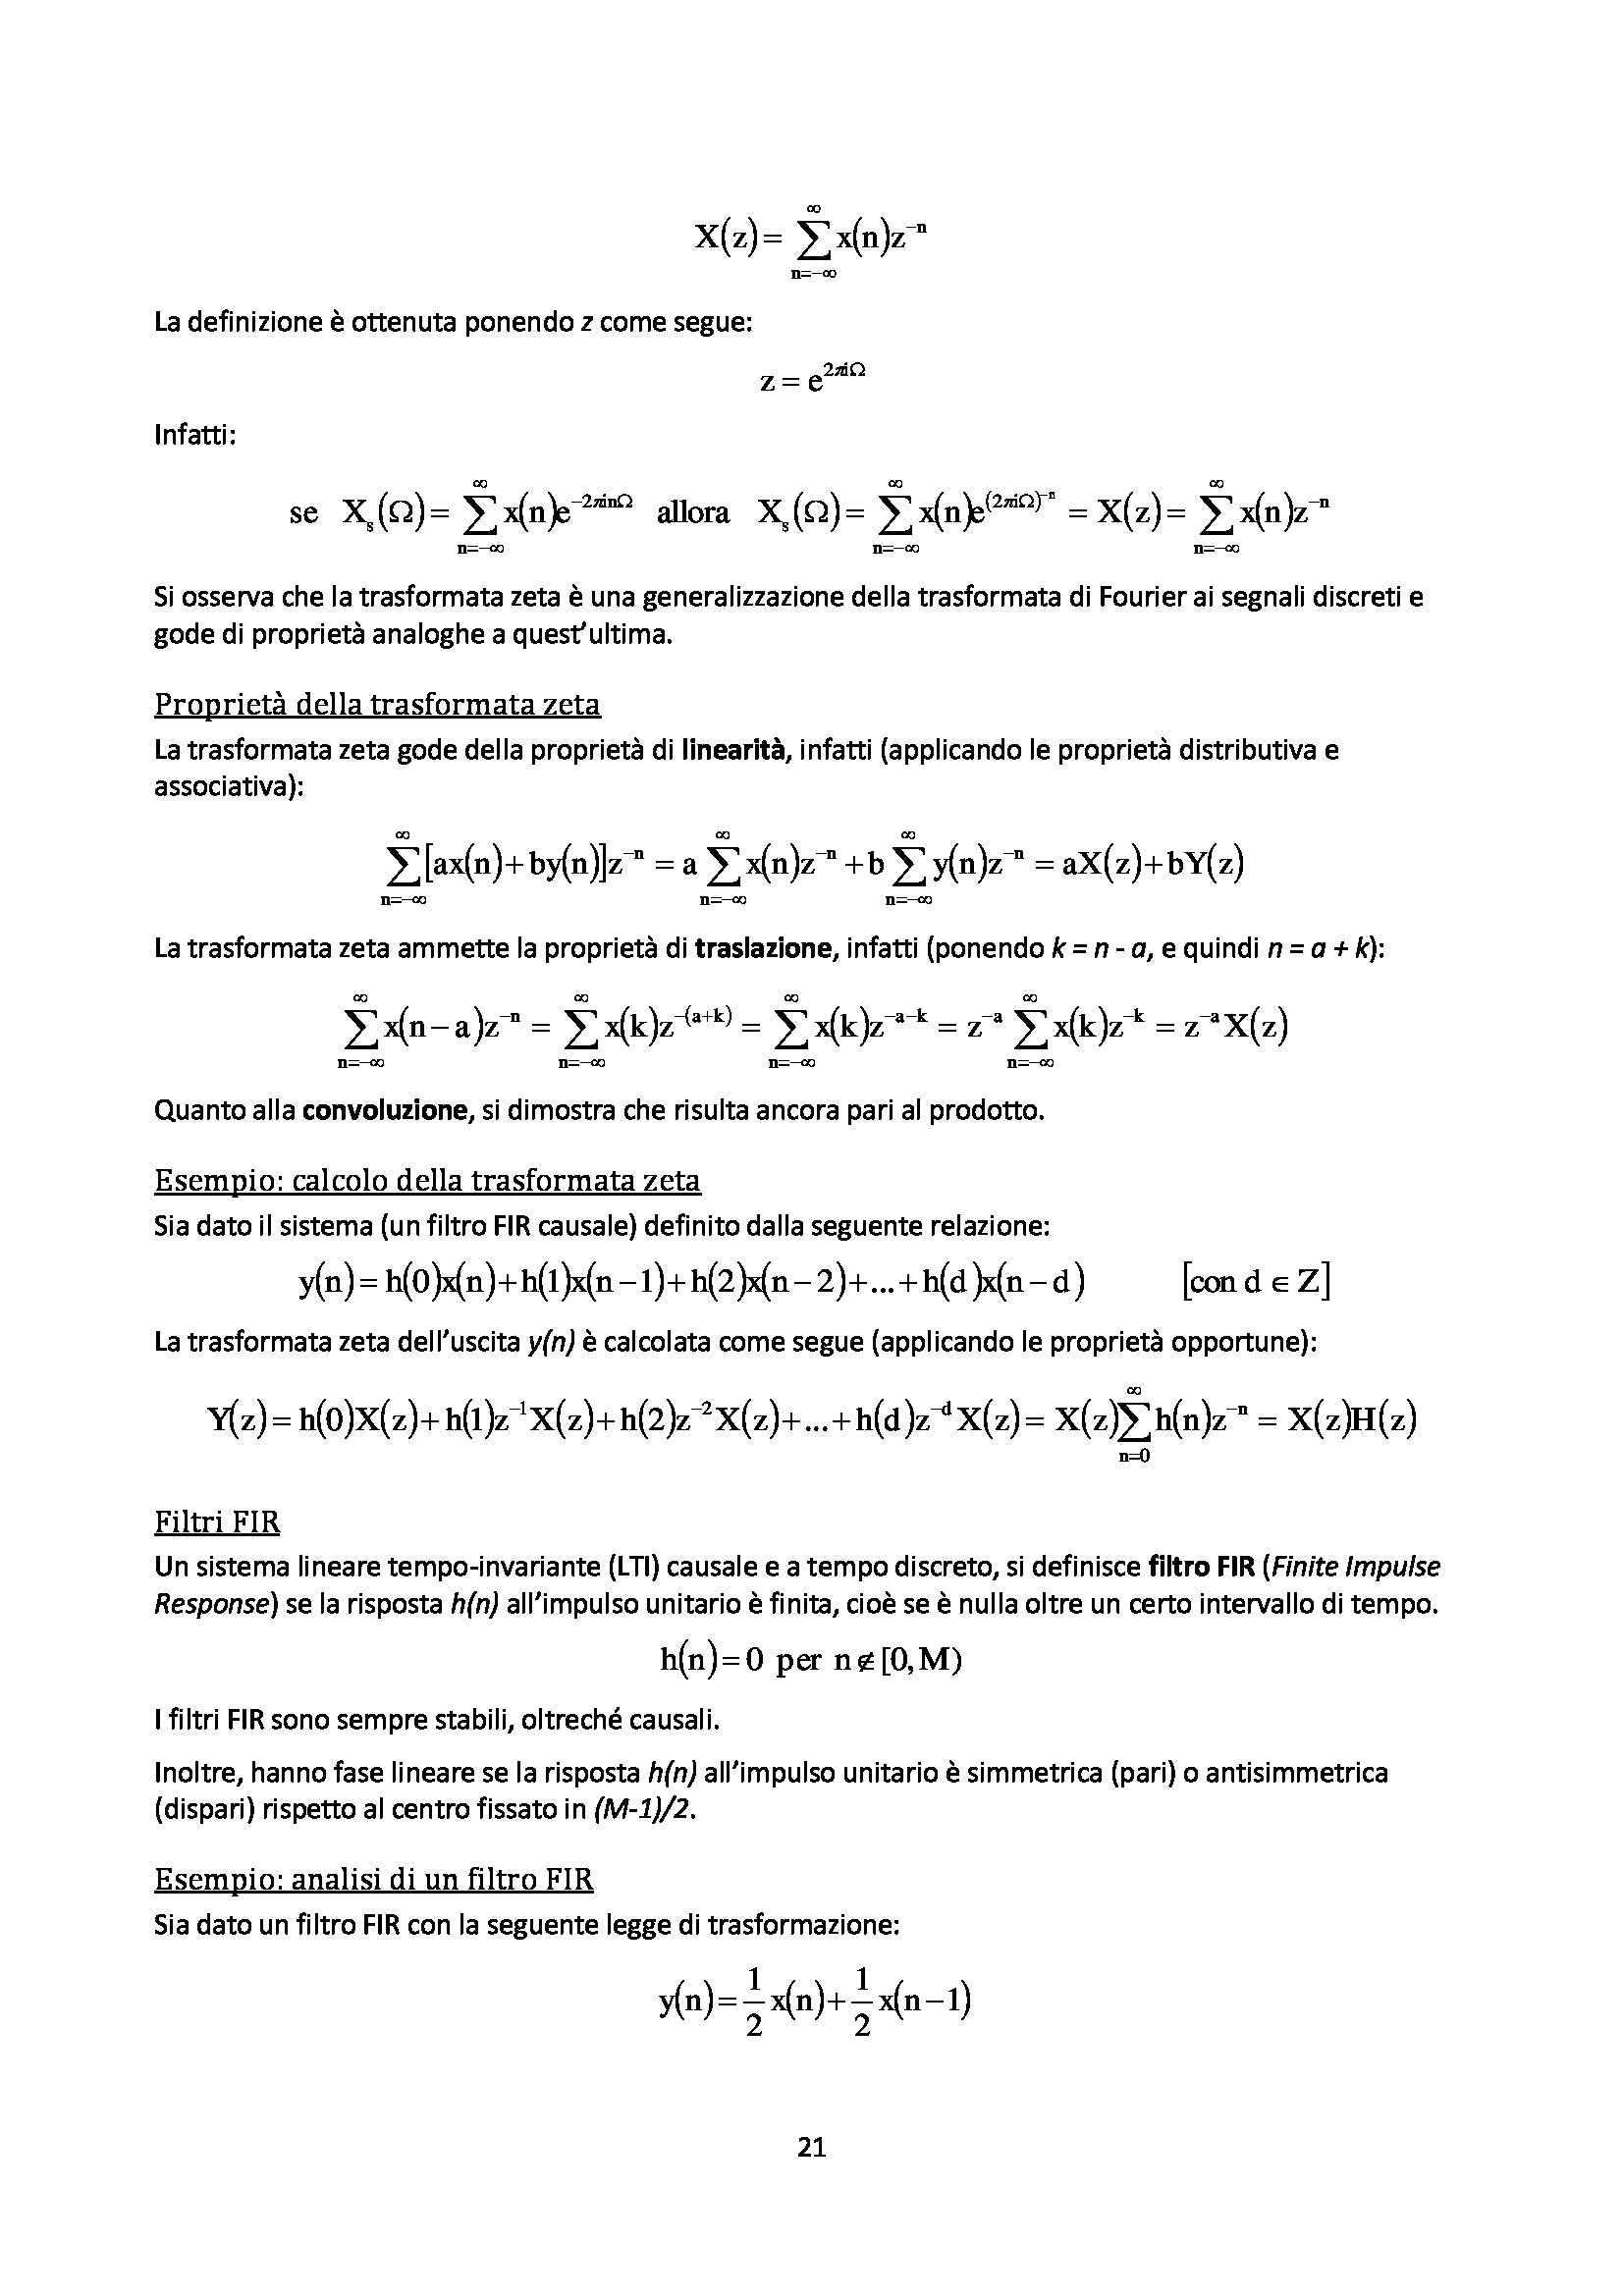 Elaborazione numerica dei segnali - Appunti Pag. 21